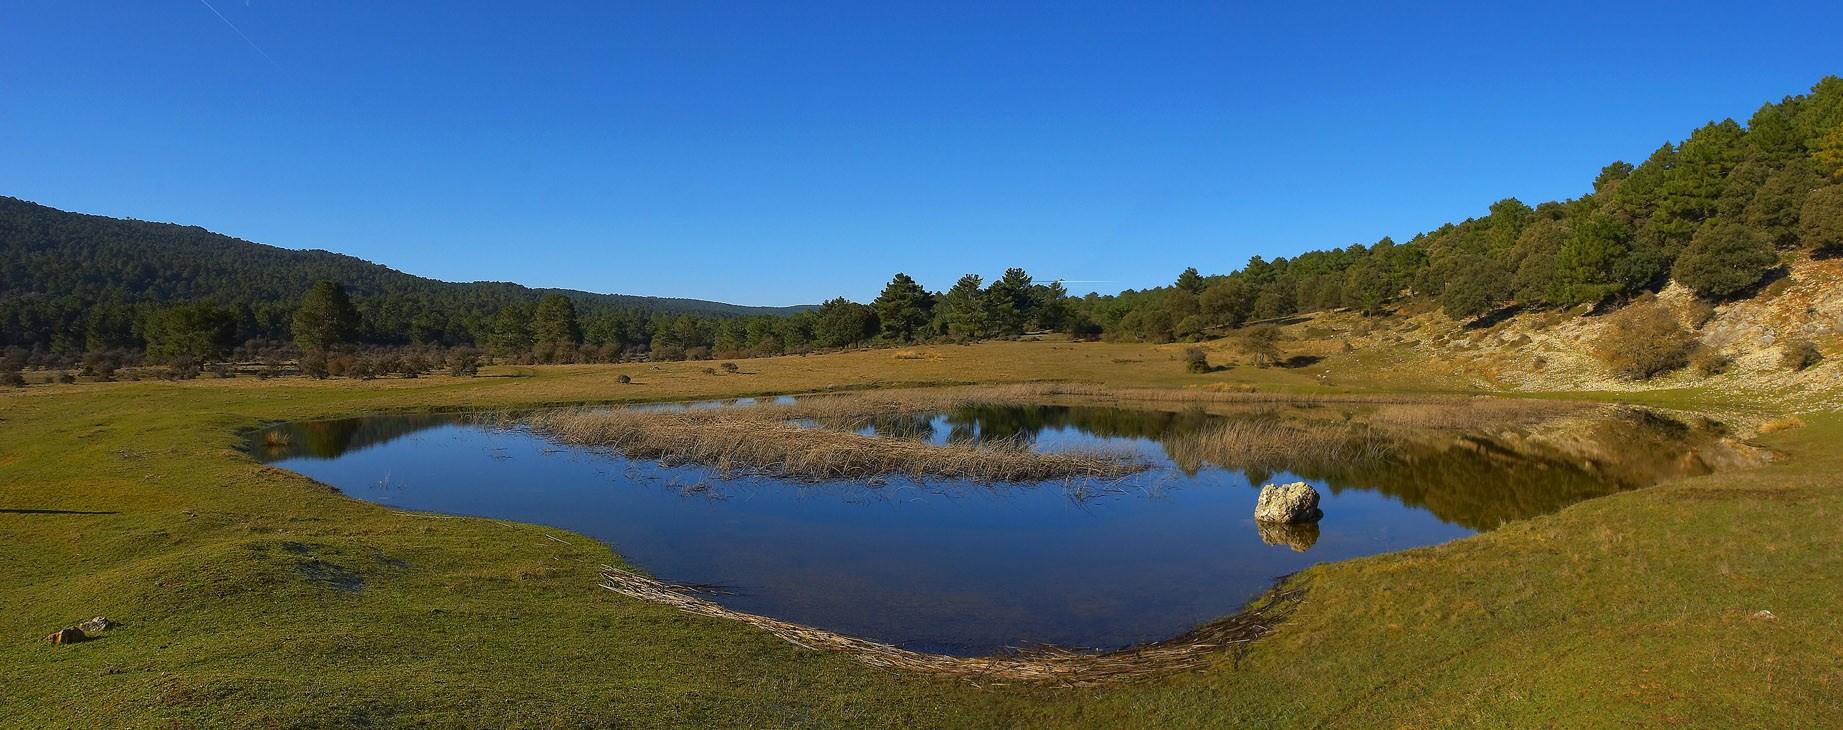 Lagunas y humedades de la provincia de Jaén